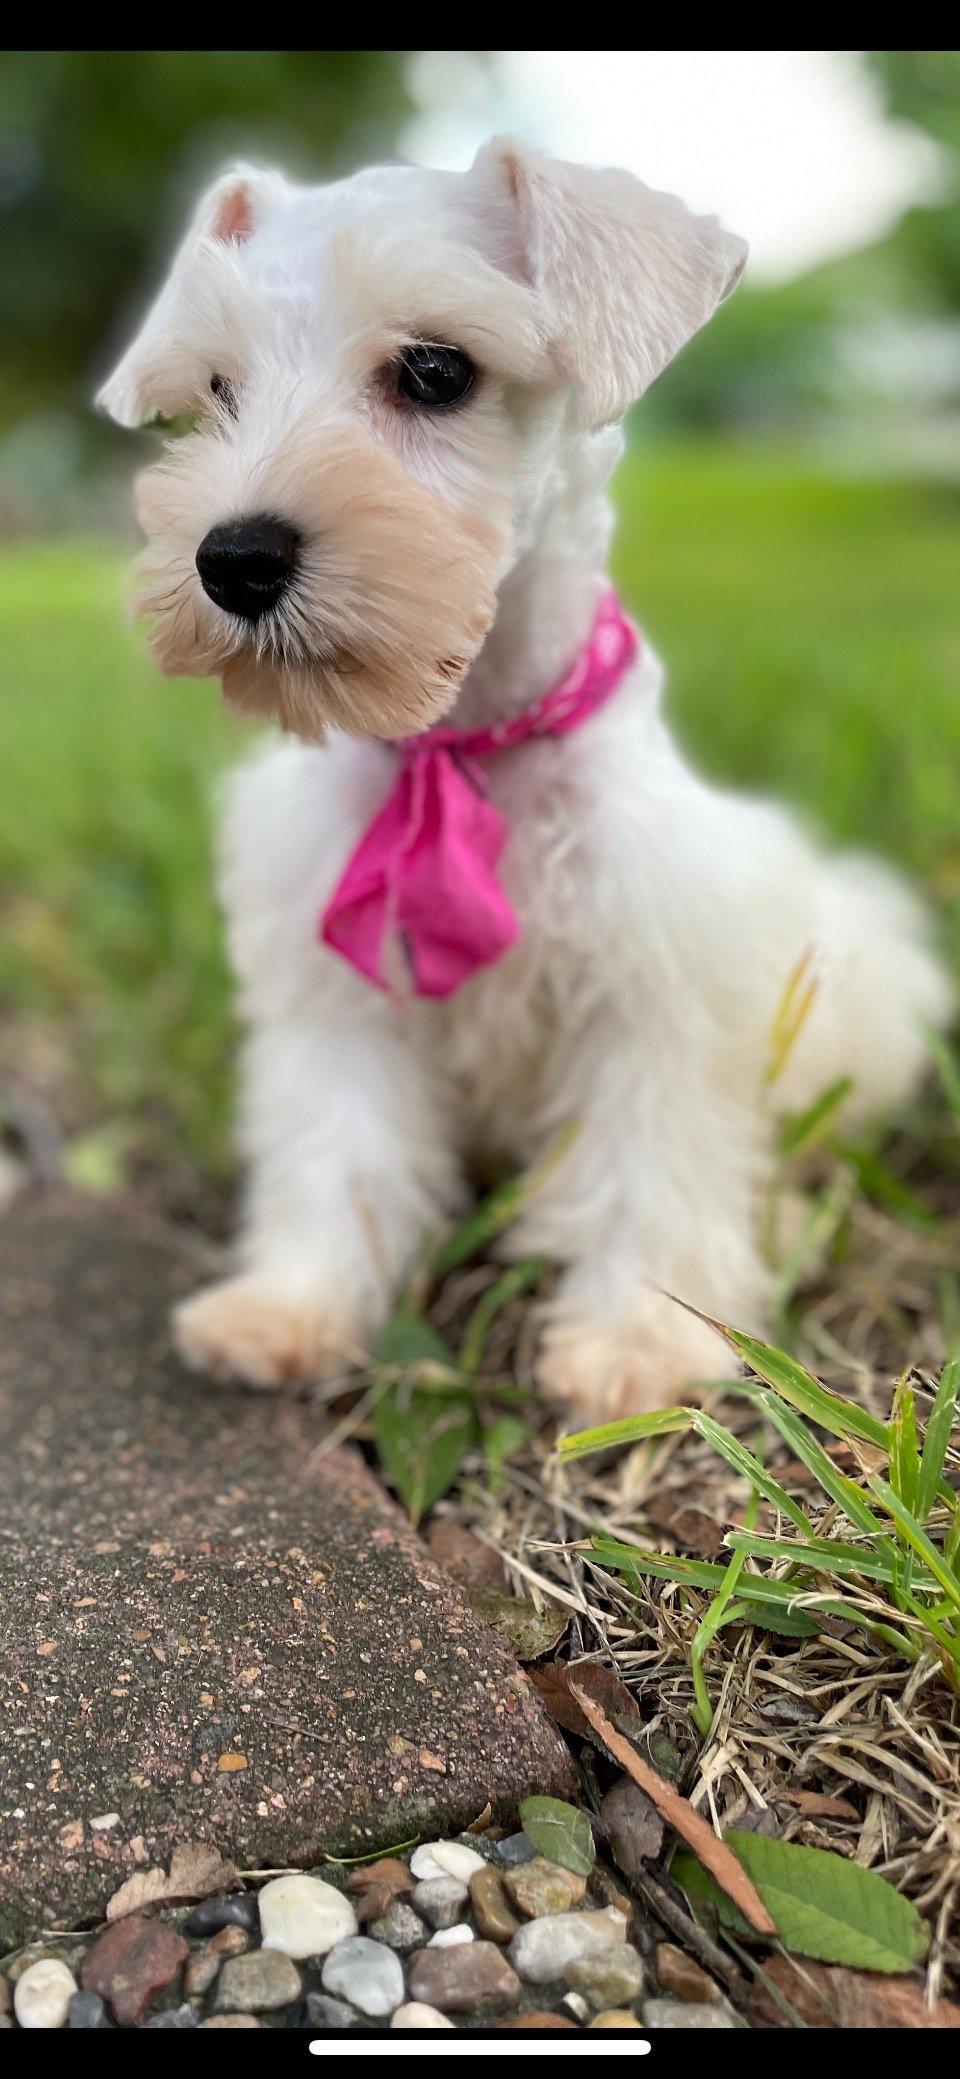 Freida - AKC Miniature Schnauzer pup for sale at Houston, Texas